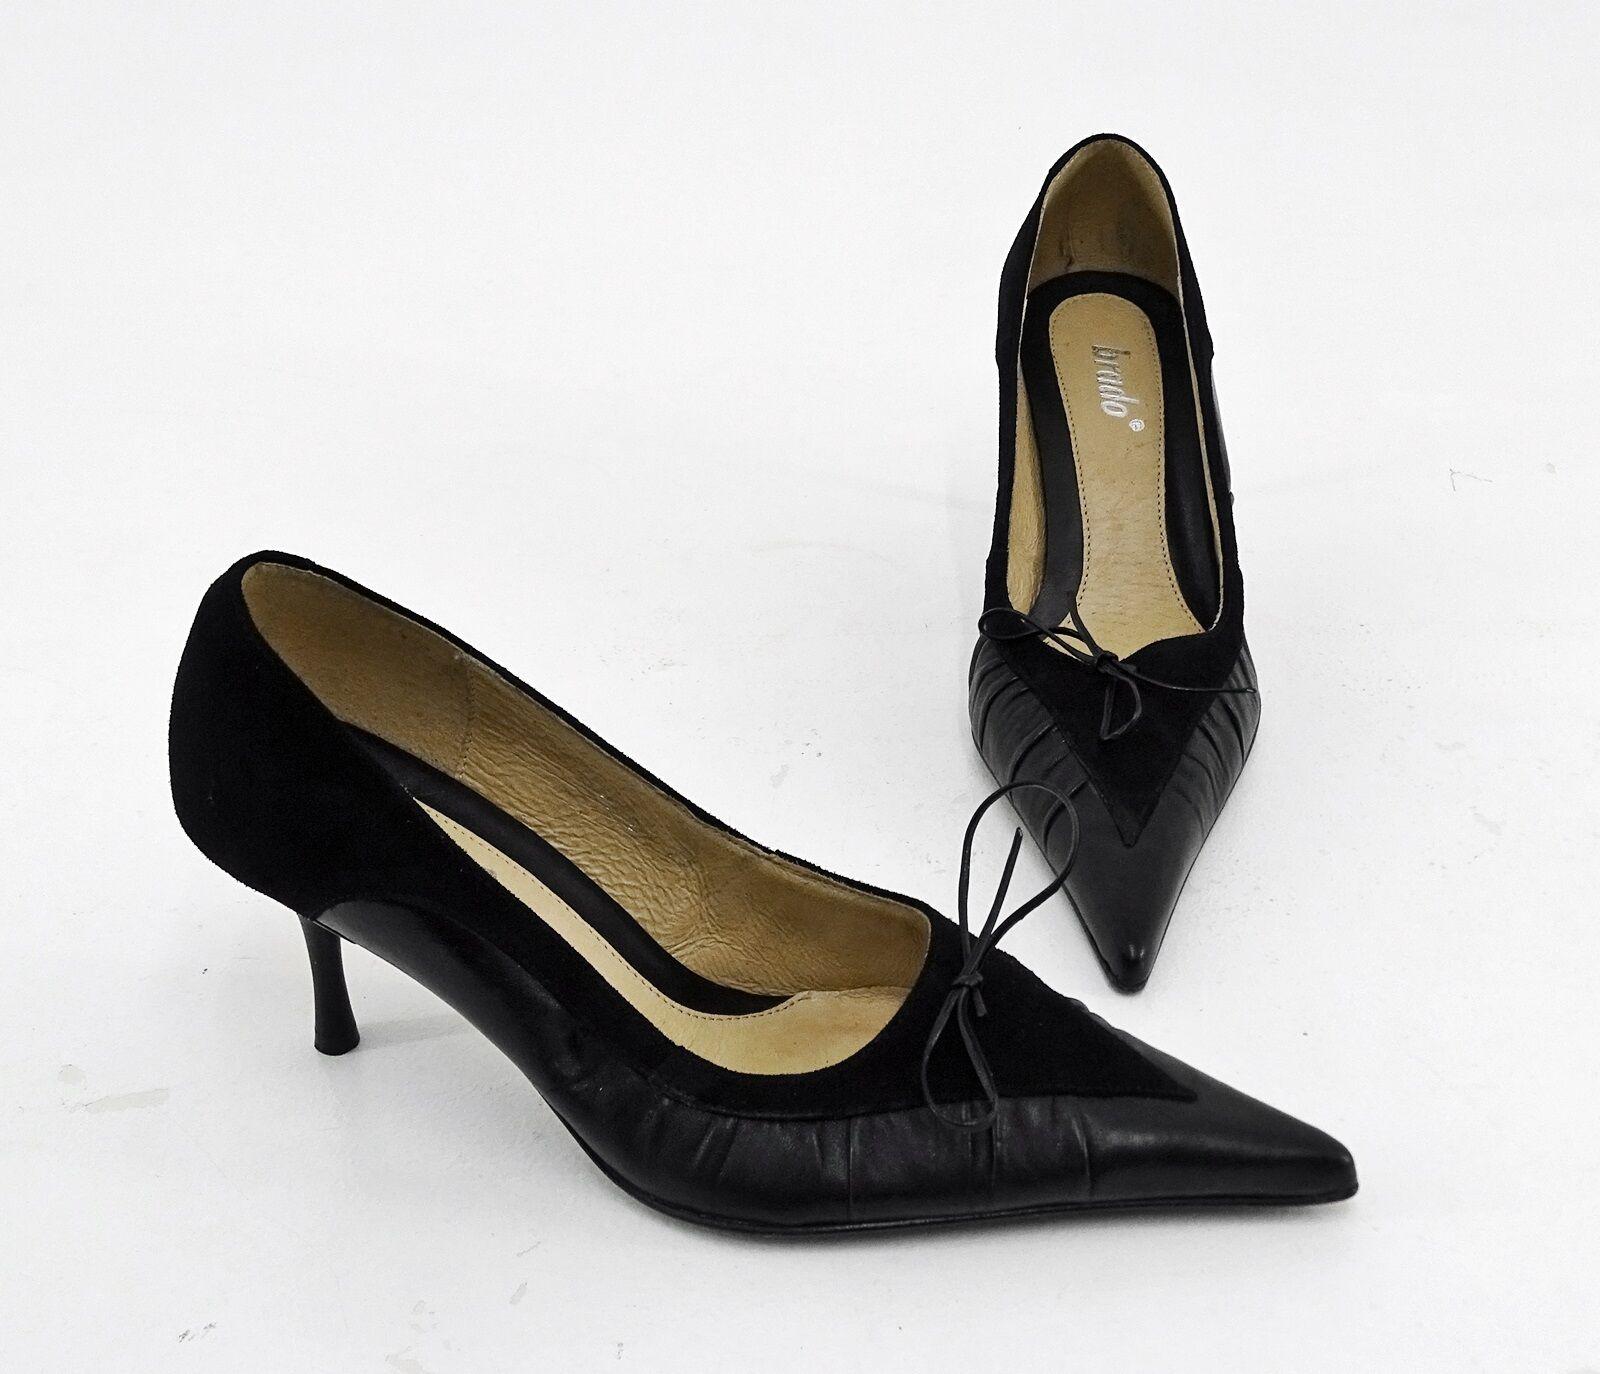 SHE Store Echtleder High Heels mit Nieten der Marke